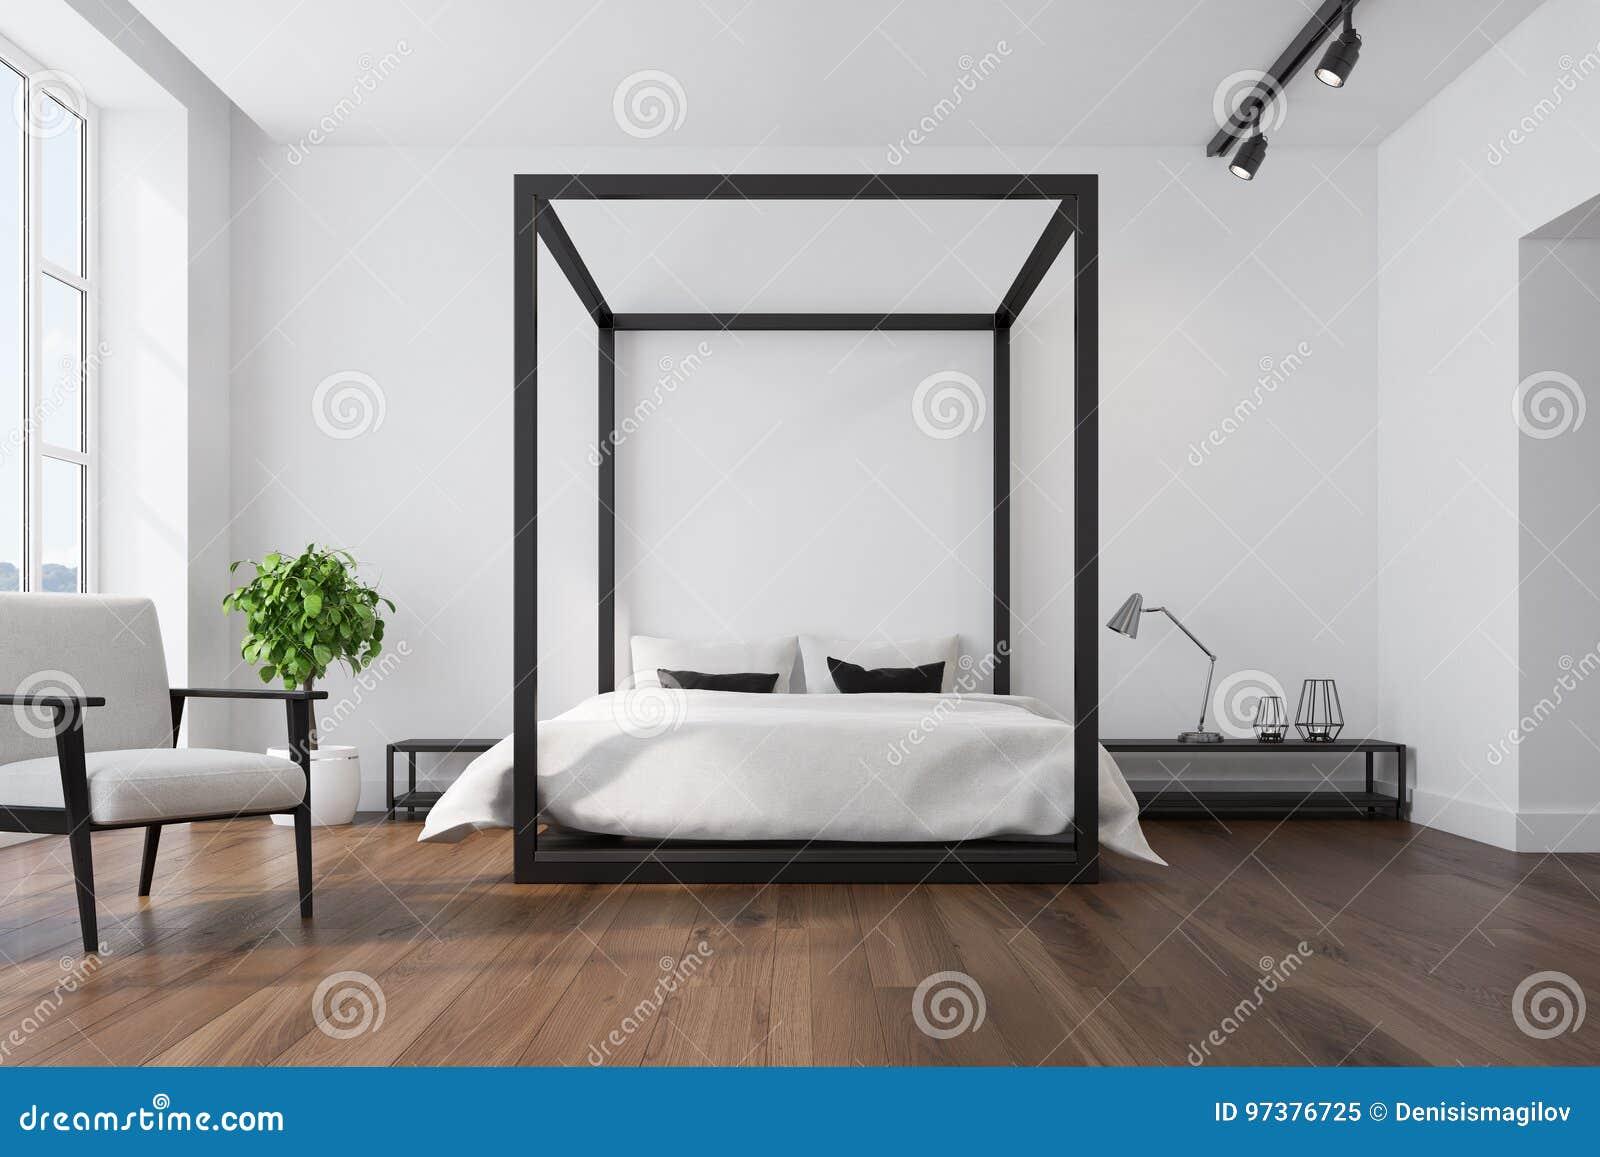 Άσπρο εσωτερικό κρεβατοκάμαρων, πολυθρόνα